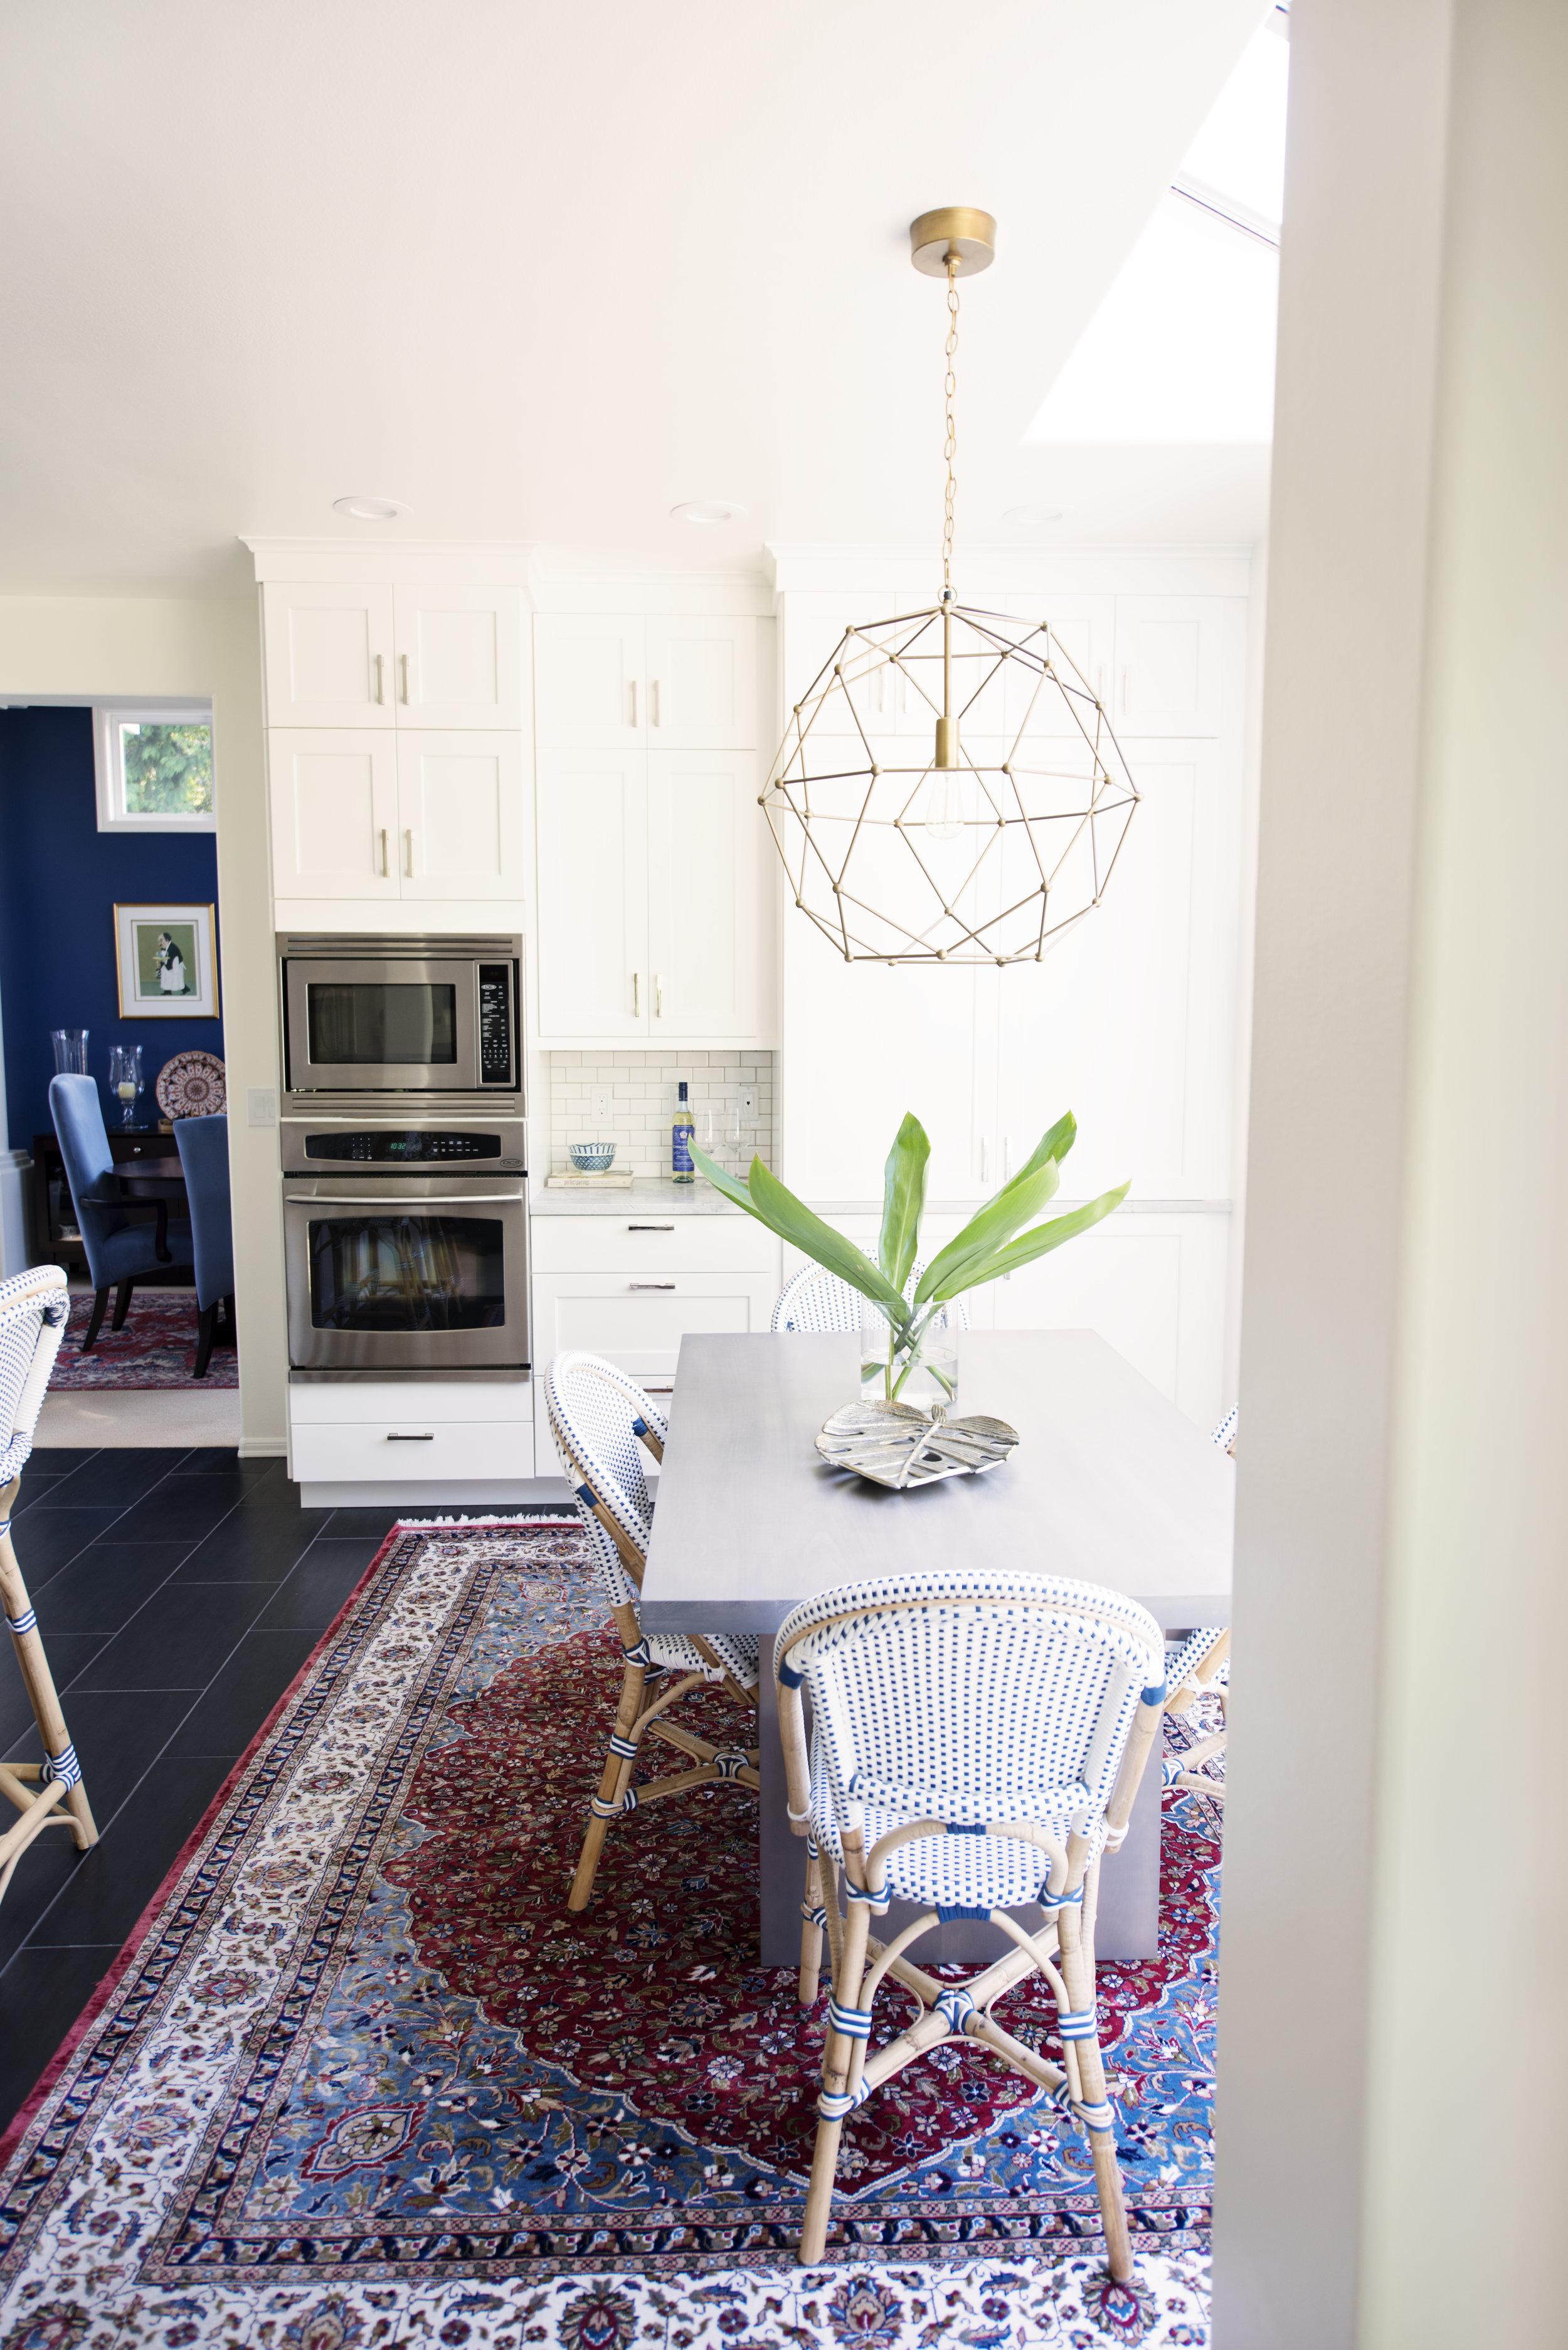 seattle interior design portfolio kp spaces